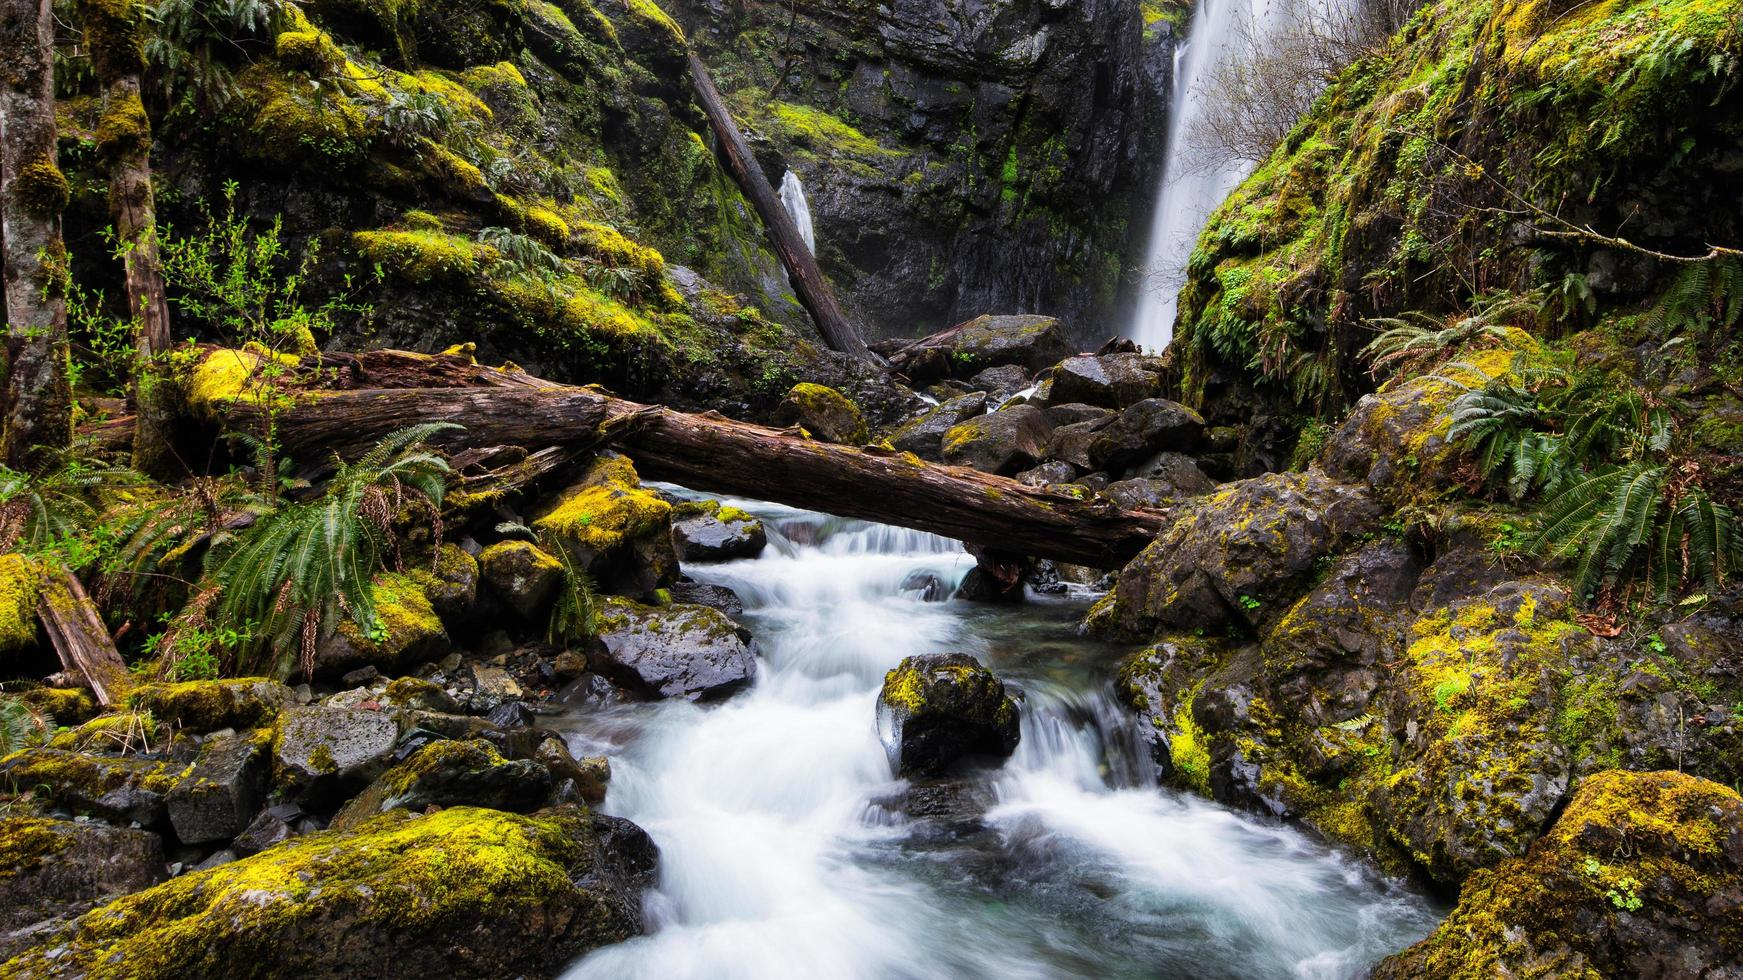 Wasserfall Fluss zwischen Felsen foto